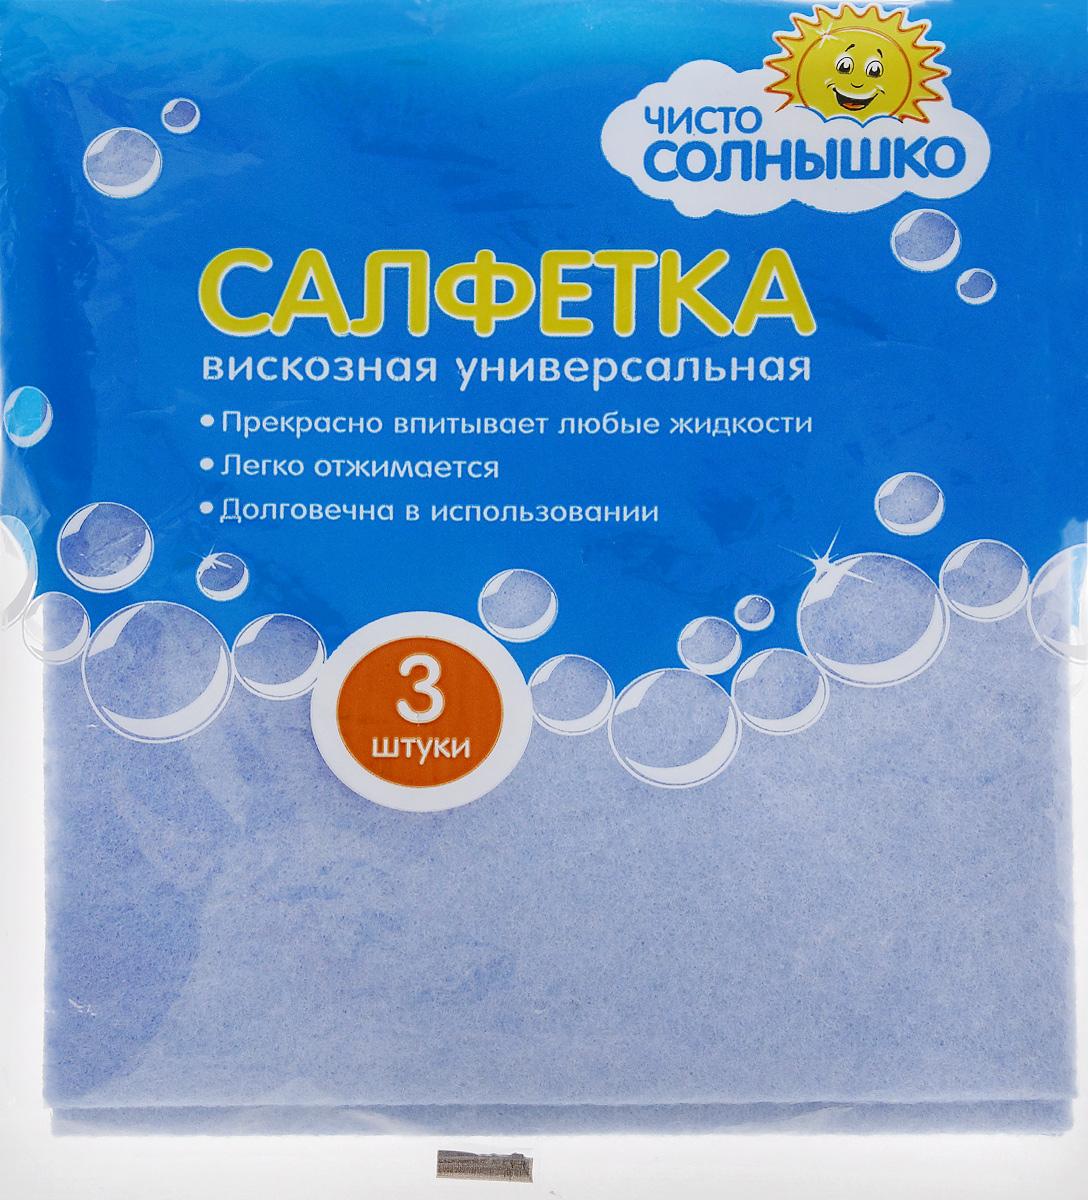 Салфетка для уборки Чисто-Солнышко, универсальная, цвет: голубой, 30 x 34 см, 3 шт787502Салфетки для уборки Чисто-Солнышко, выполненные из вискозы и полиэстера, предназначены для уборки и могут применяться с различными моющими средствами. Эффективно впитывают жидкость. Мягкие и прочные, легко отжимаются и быстро сохнут.